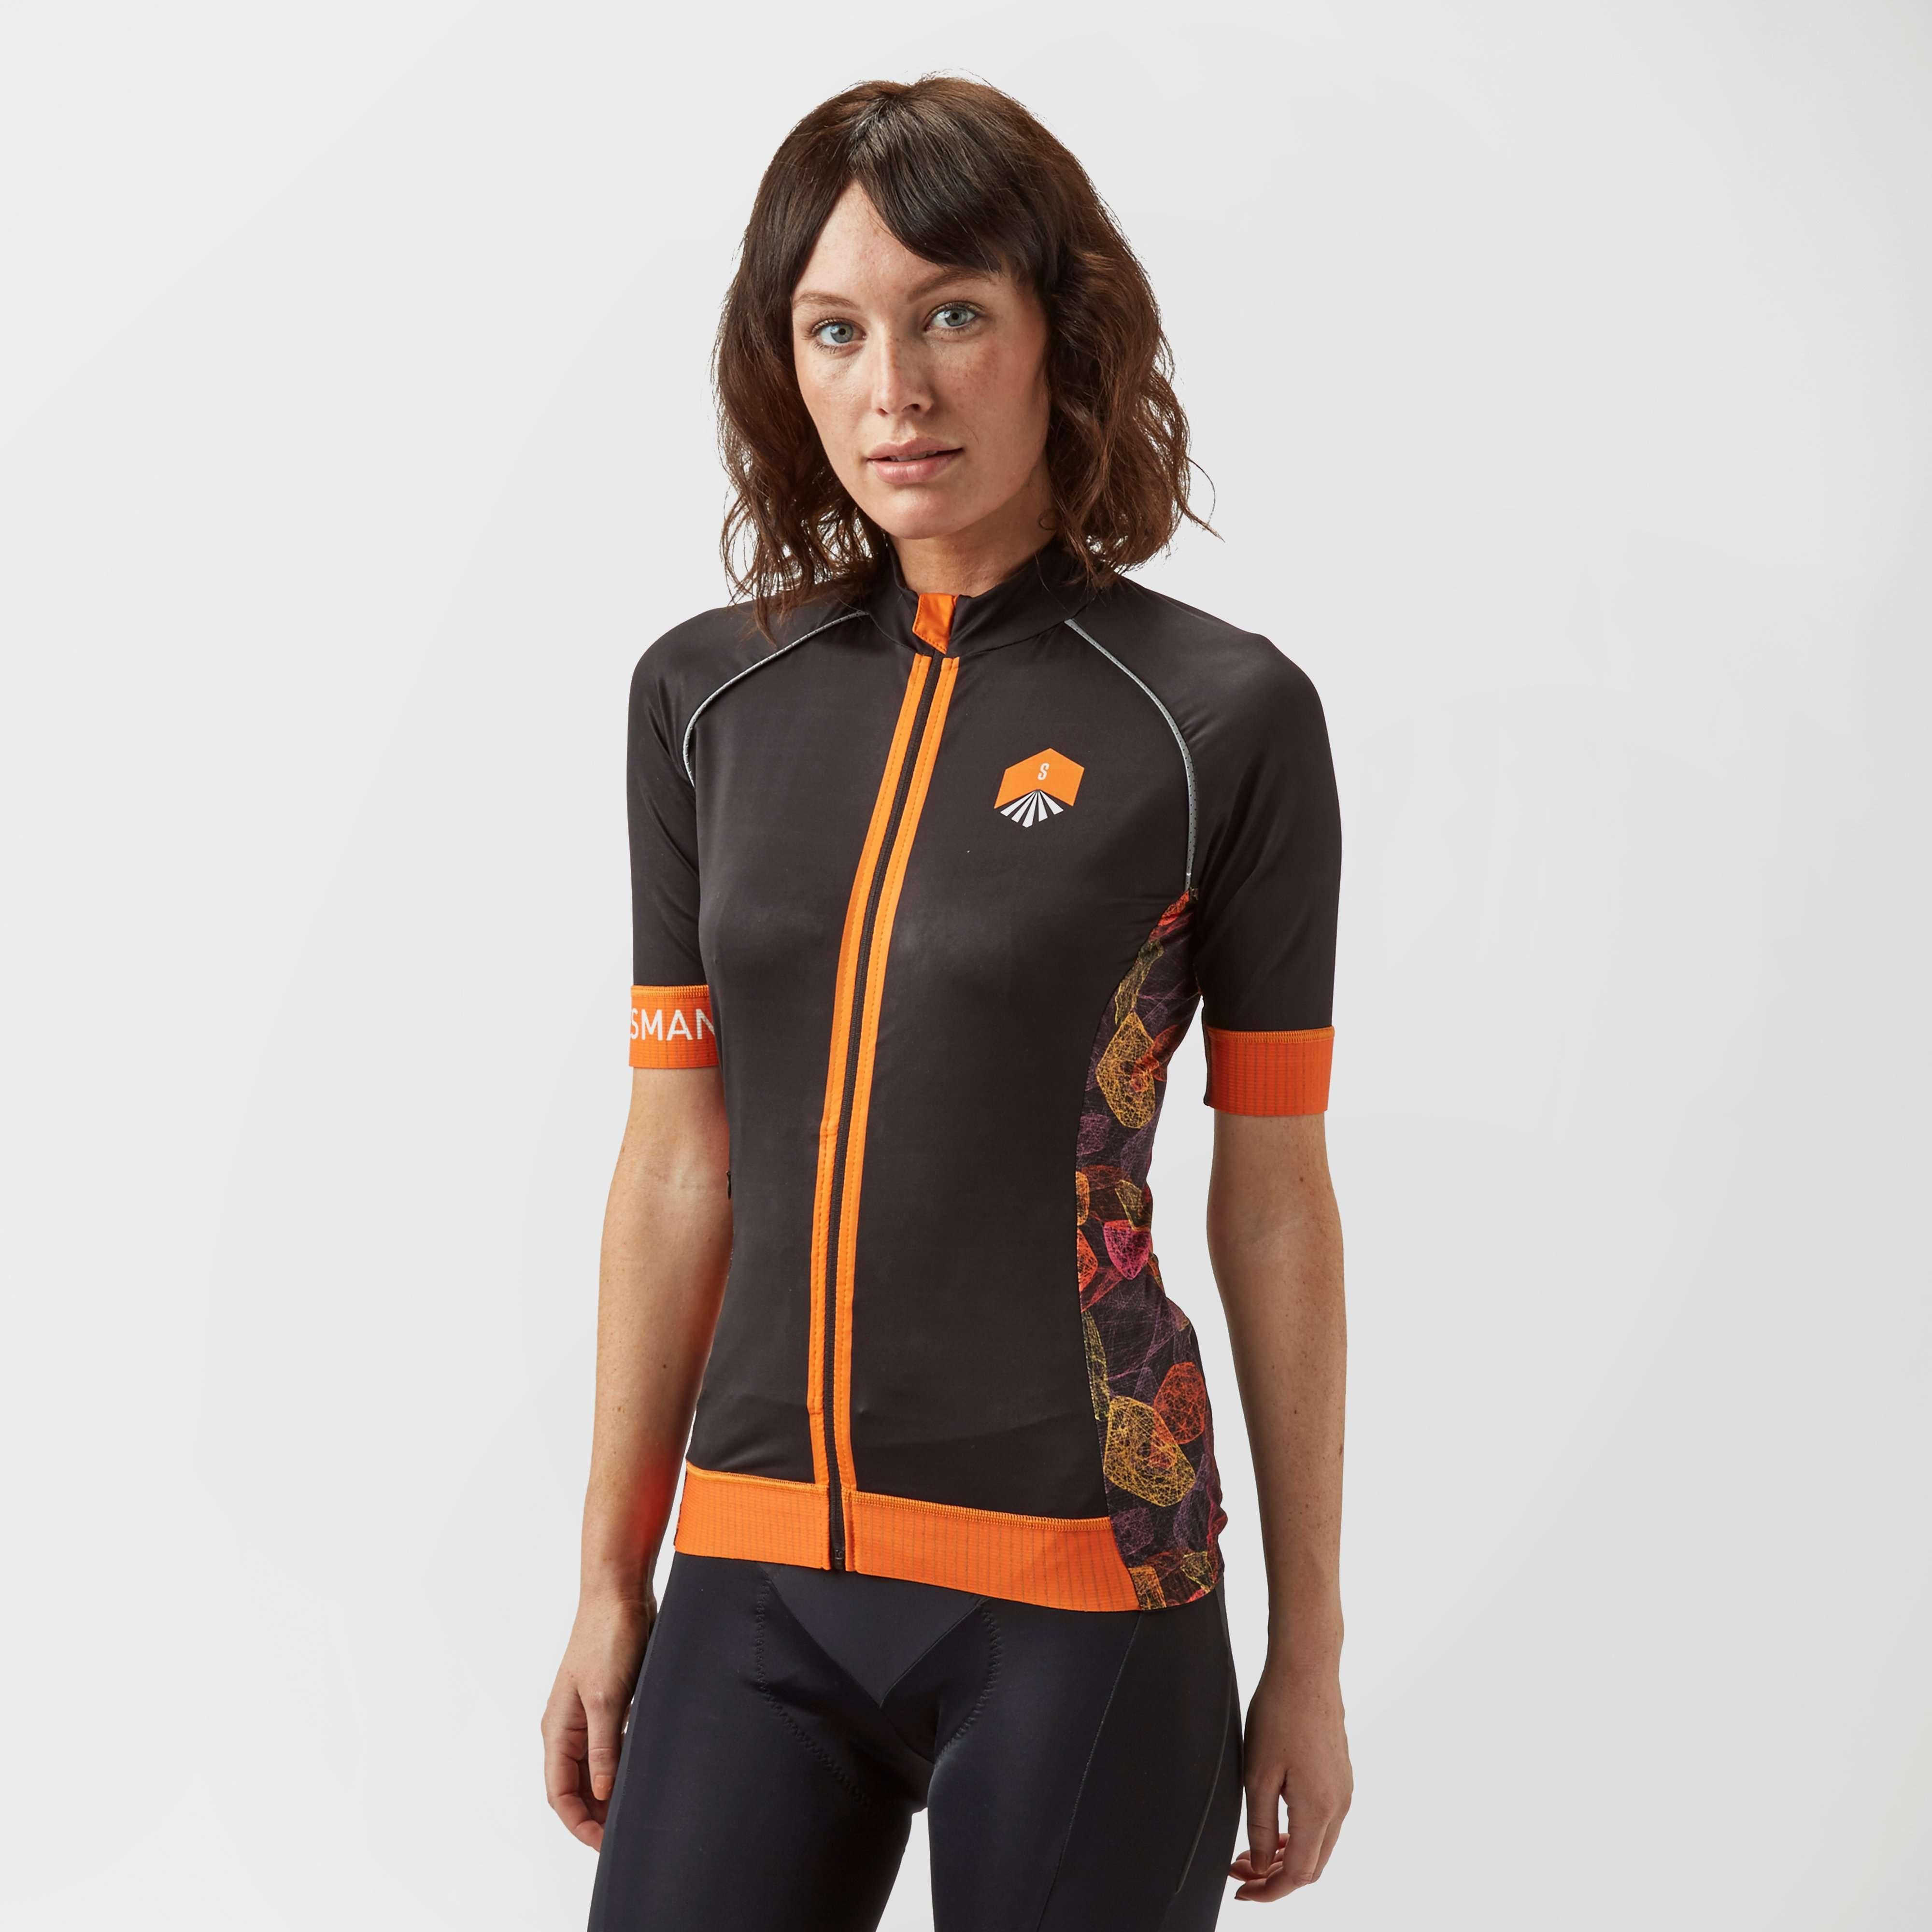 SPOKESMAN Women's Ladies Cycling Jersey